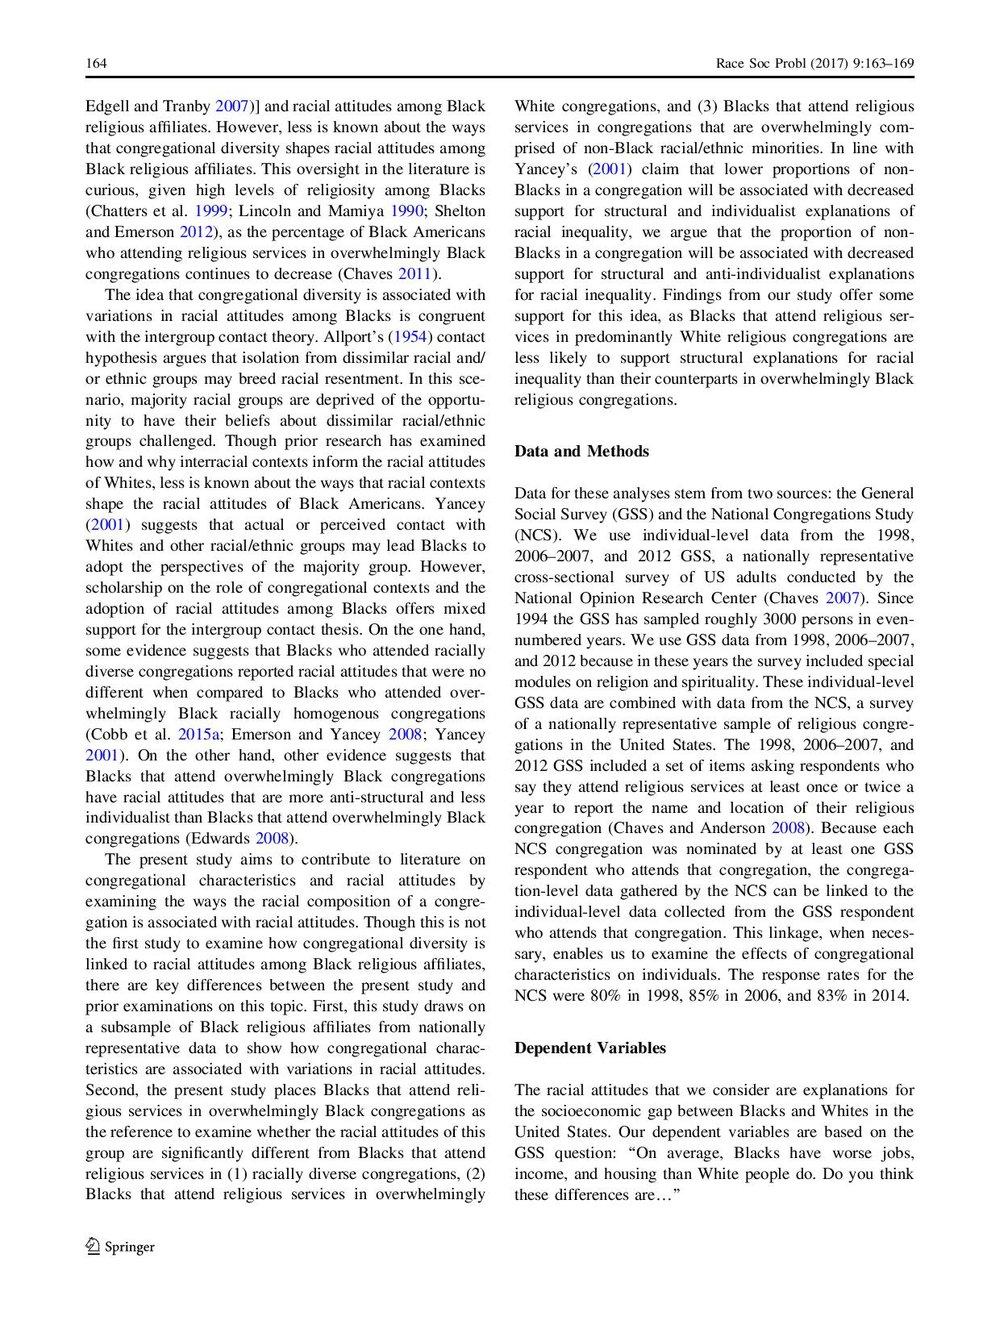 s12552-017-9208-y (2)-page-002.jpg